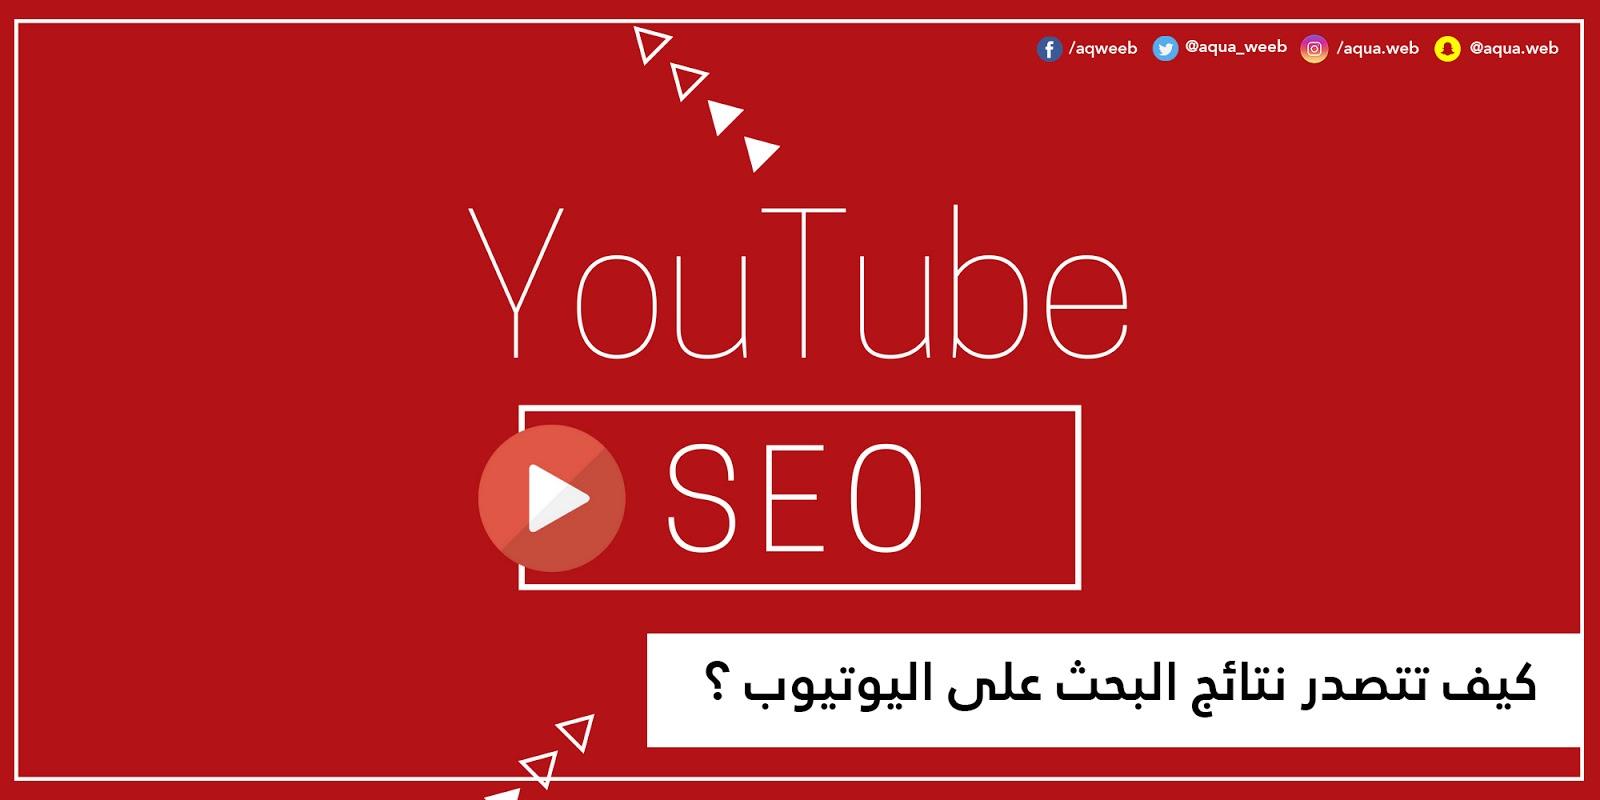 6 خطوات تضمن لك تصدر نتائج البحث على يوتيوب